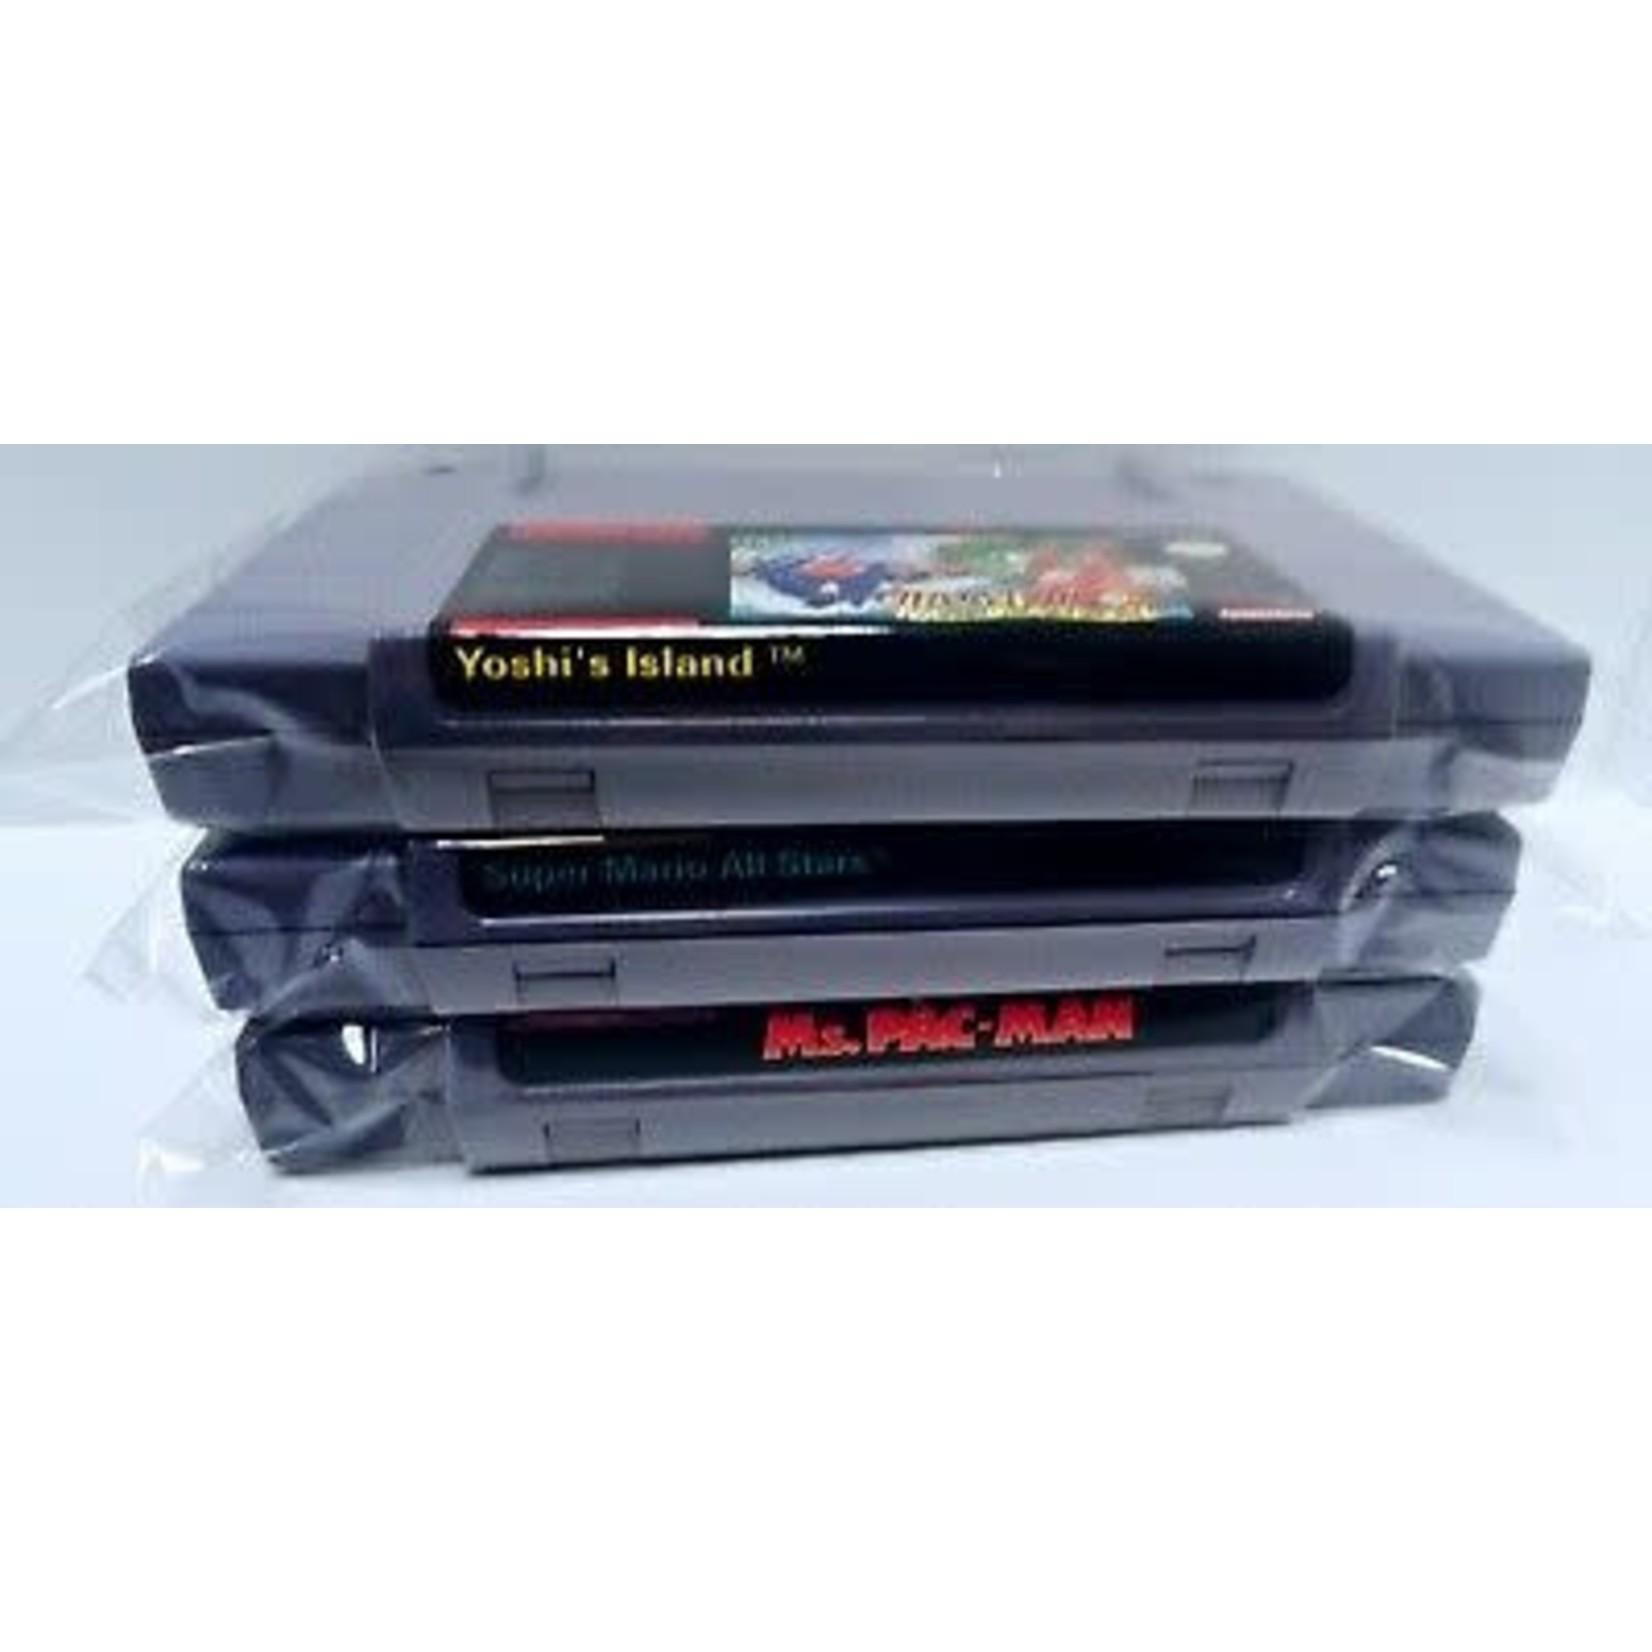 SNES Cartridge Bags (100-Pack)